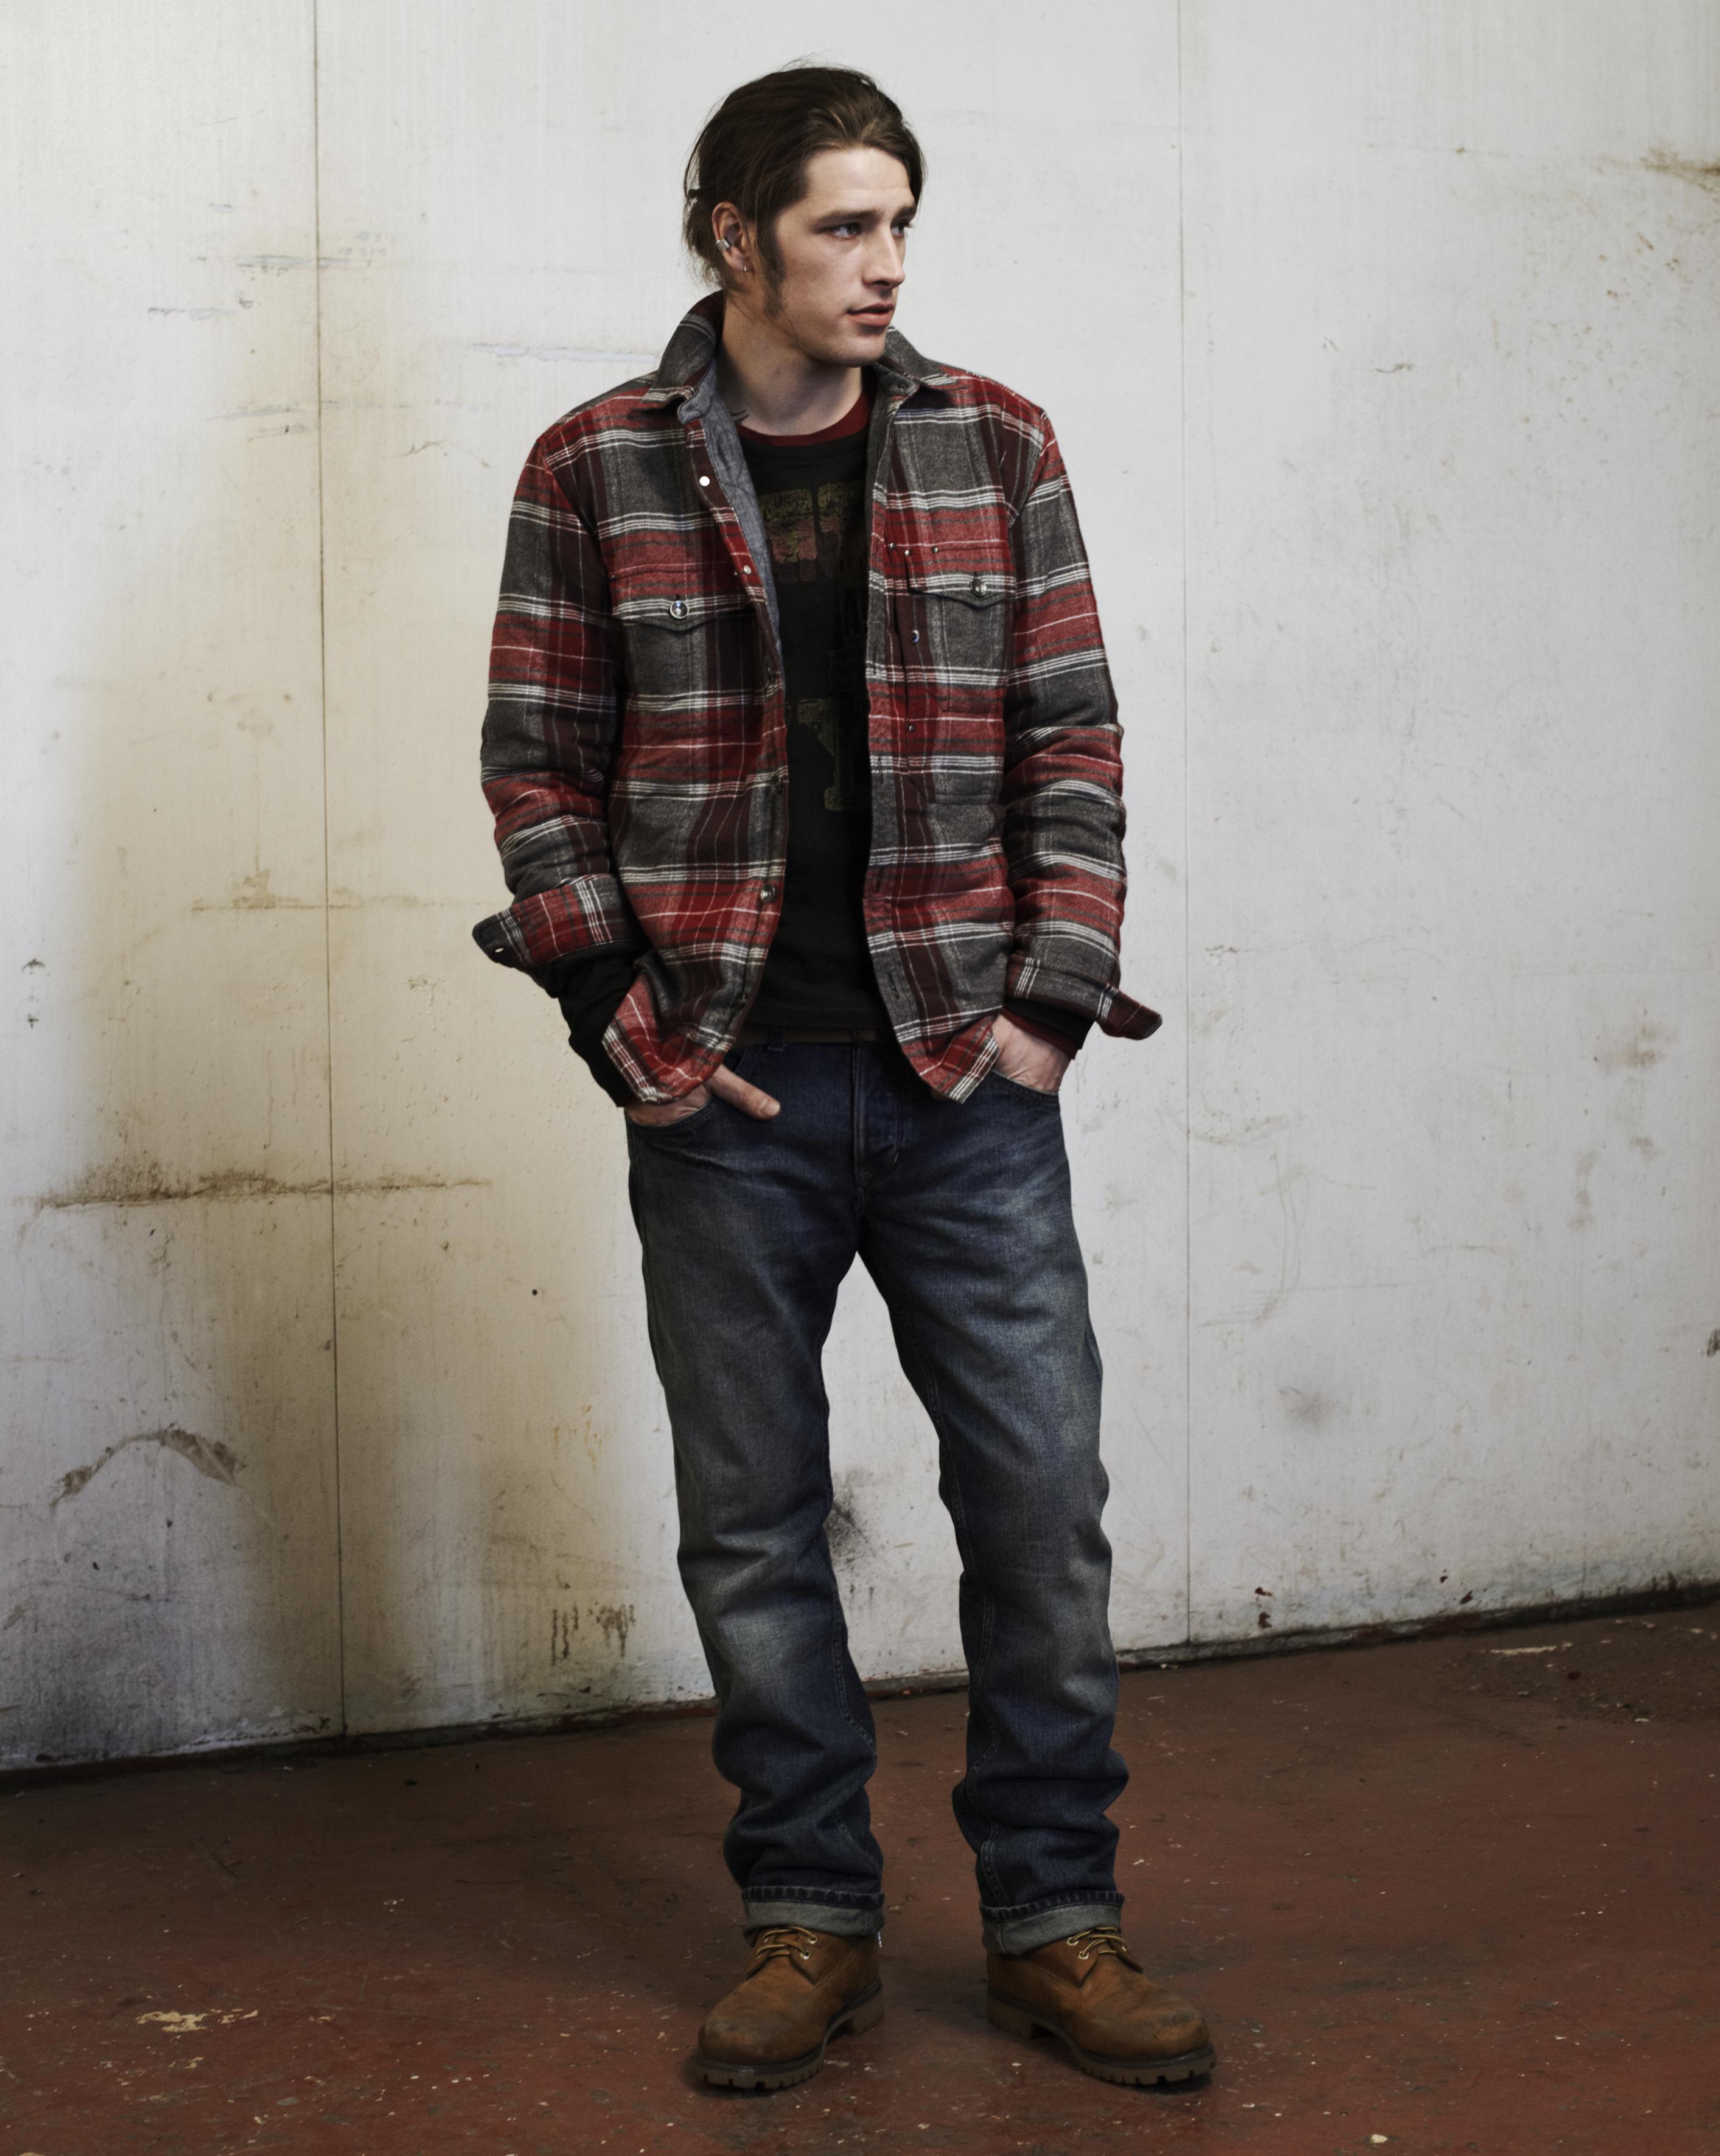 principales tendances de la mode homme hiver 2010 les chemises carreaux. Black Bedroom Furniture Sets. Home Design Ideas